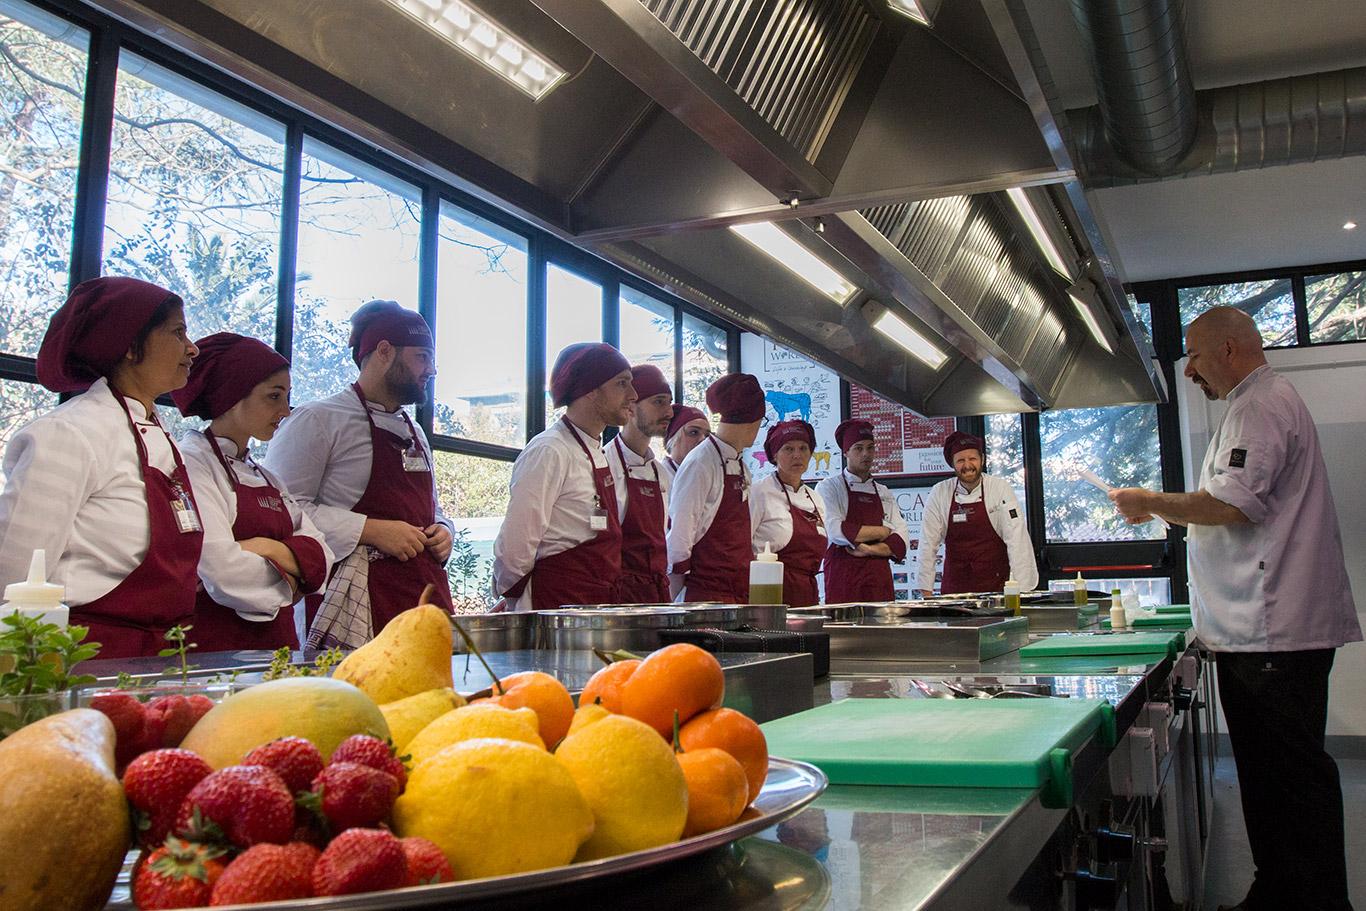 Disegno corsi di cucina a roma : Accademia italiana di cucina. Corsi professionali di formazione in ...